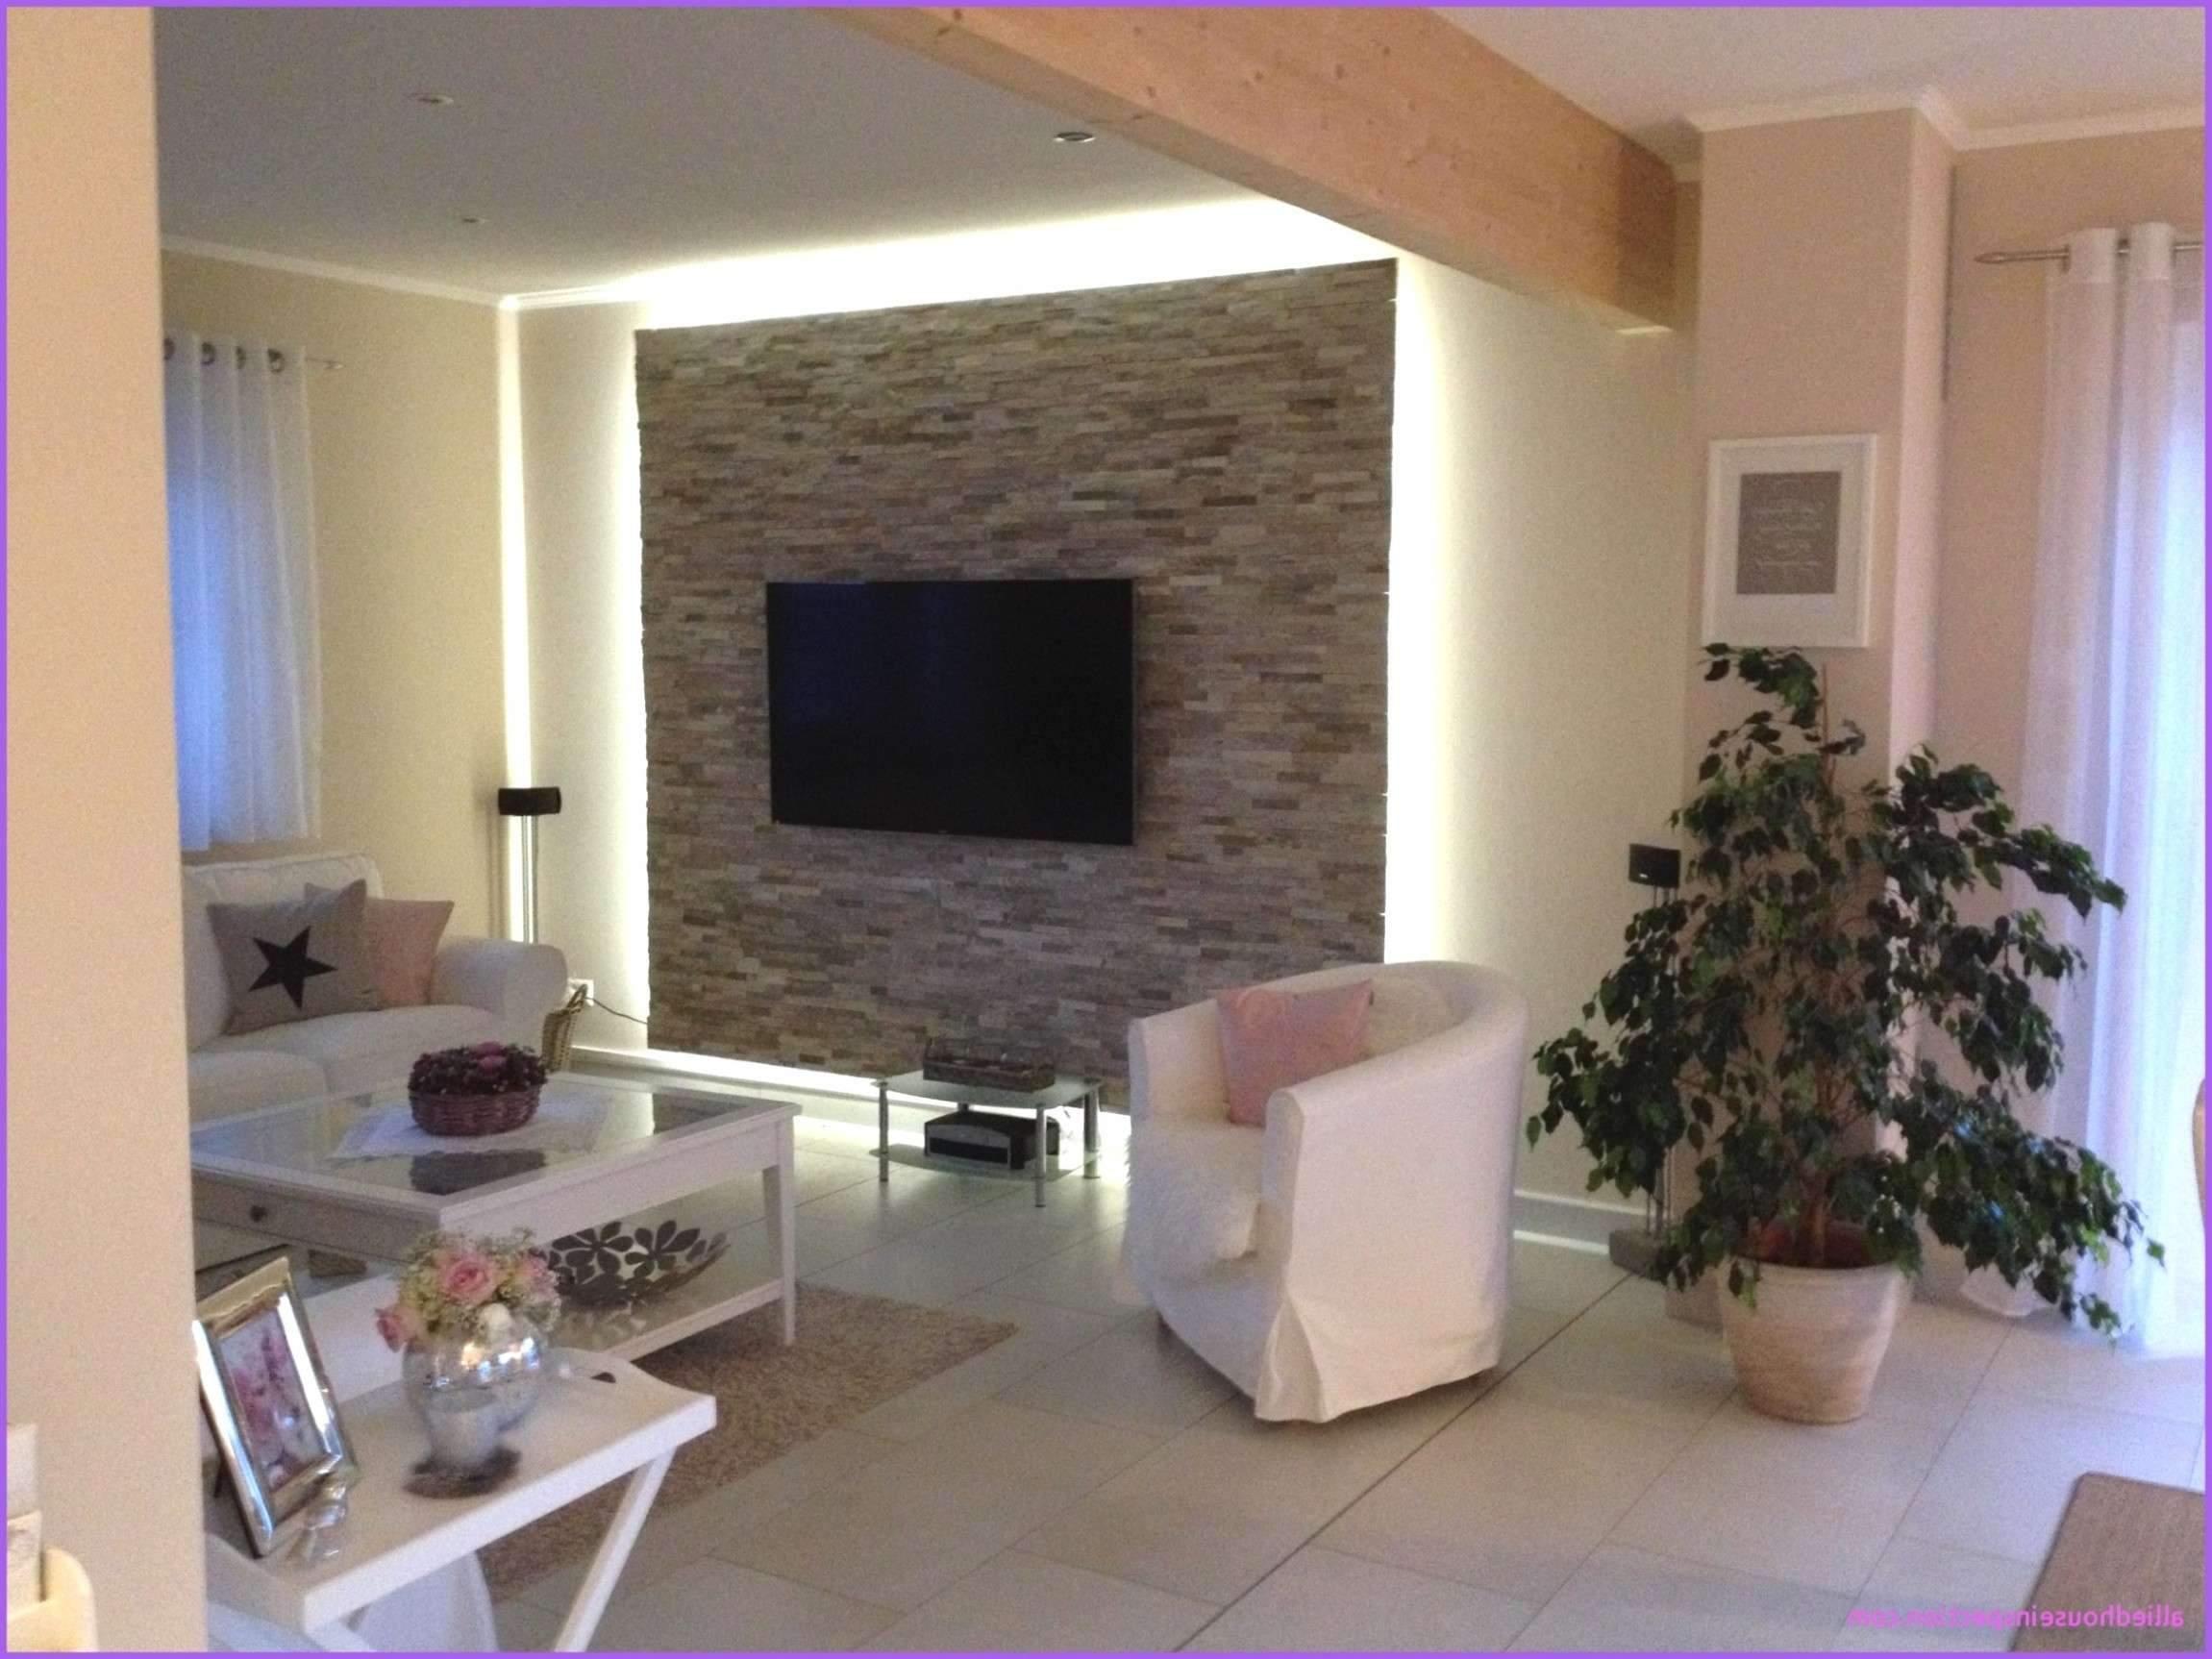 wohnzimmer gestalten tipps reizend tapeten wohnzimmer ideen einzigartig moderne wohnzimmer 0d of wohnzimmer gestalten tipps